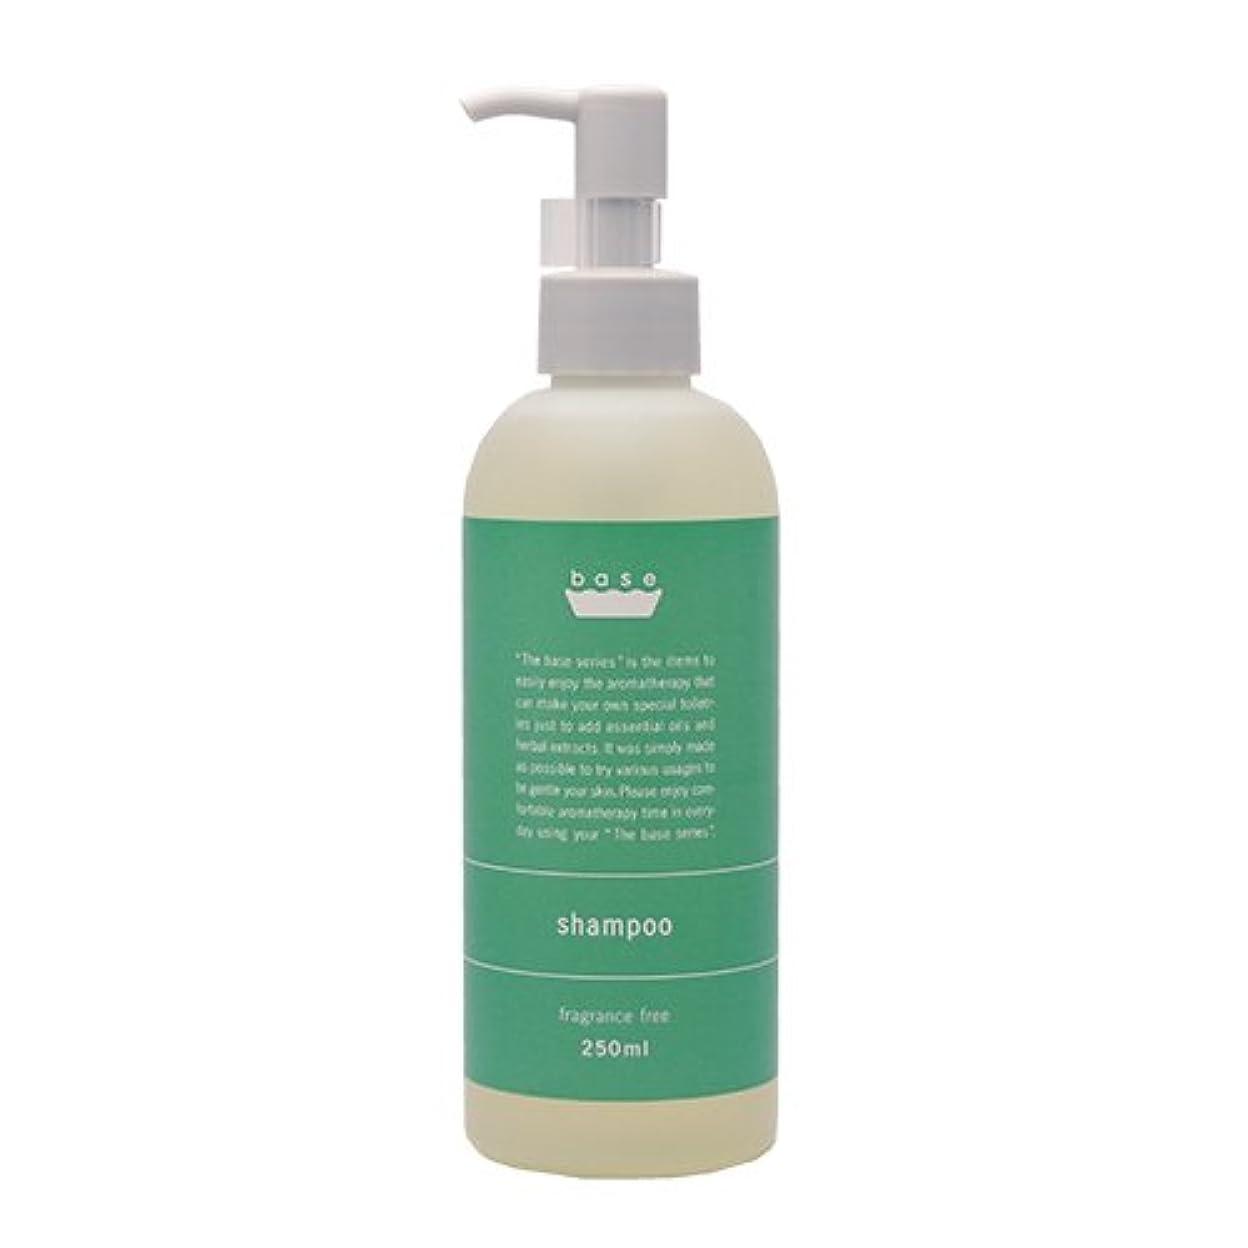 アンケートやけど所有者base shampoo(ベースシャンプー)250ml